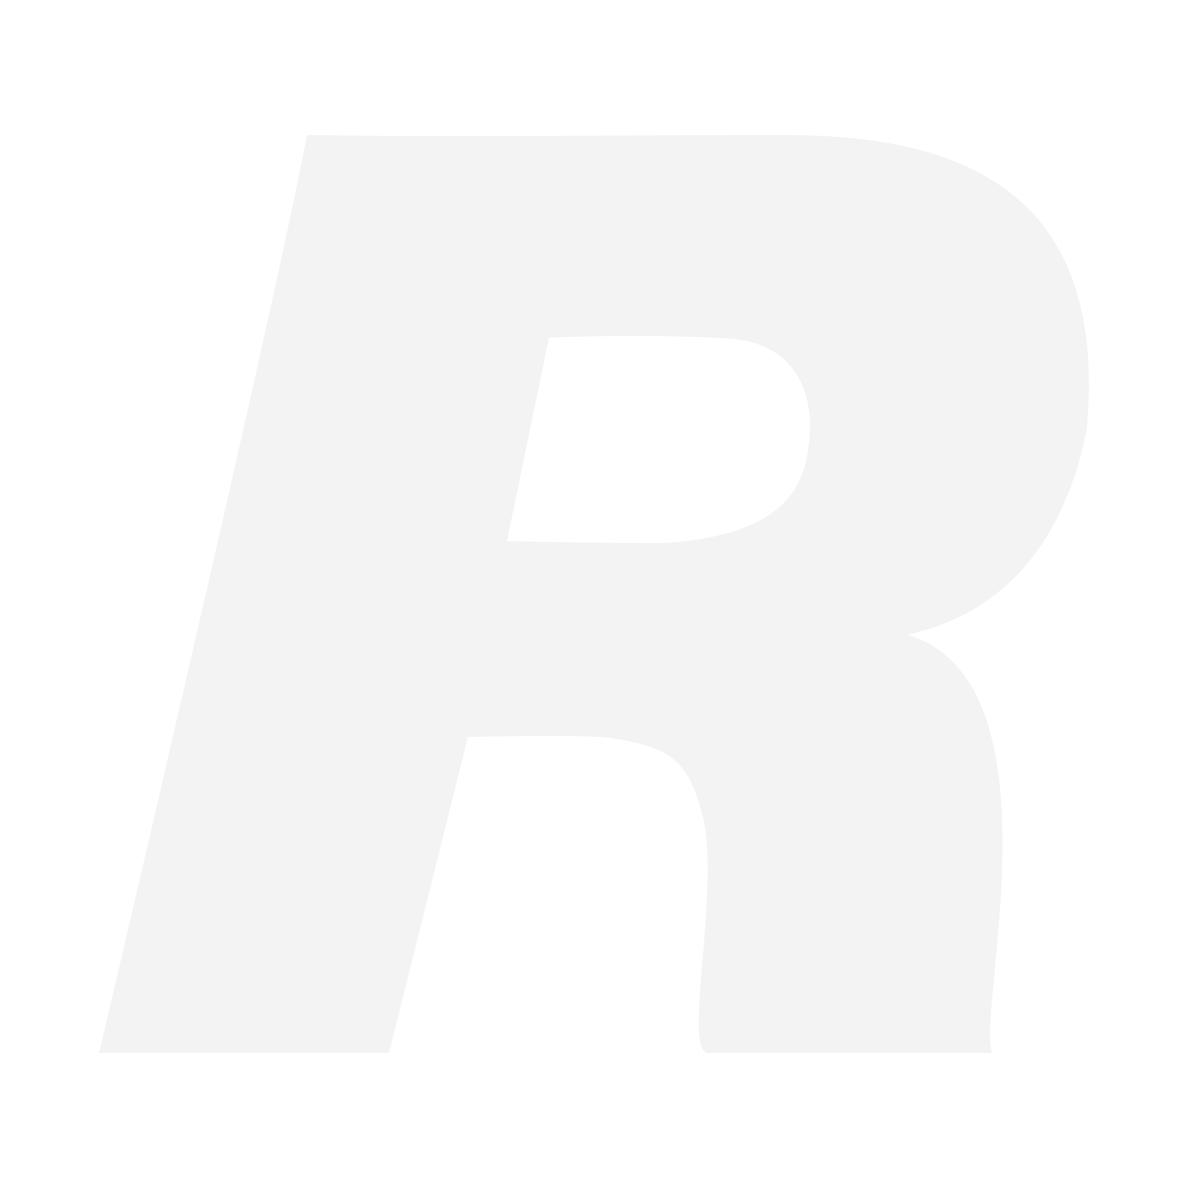 Sony A7R Mark III KÄYTETTY